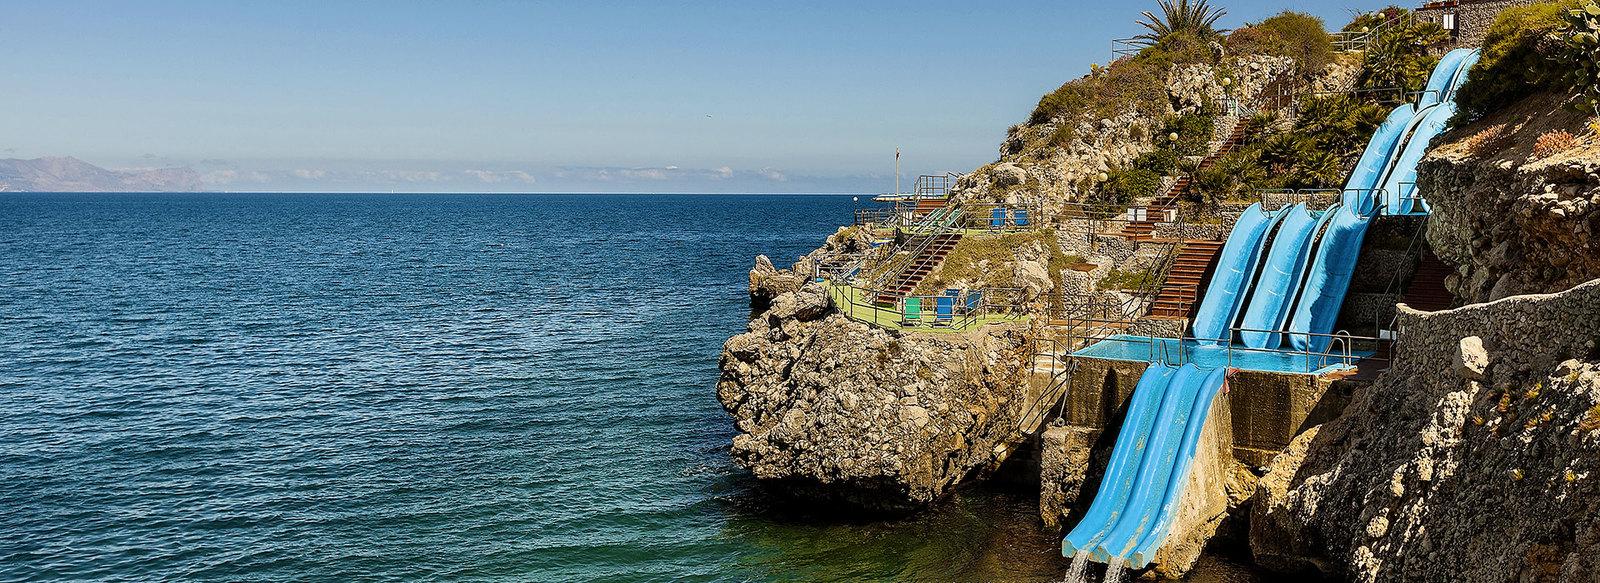 4* con vista panoramica sul Golfo di Castellammare